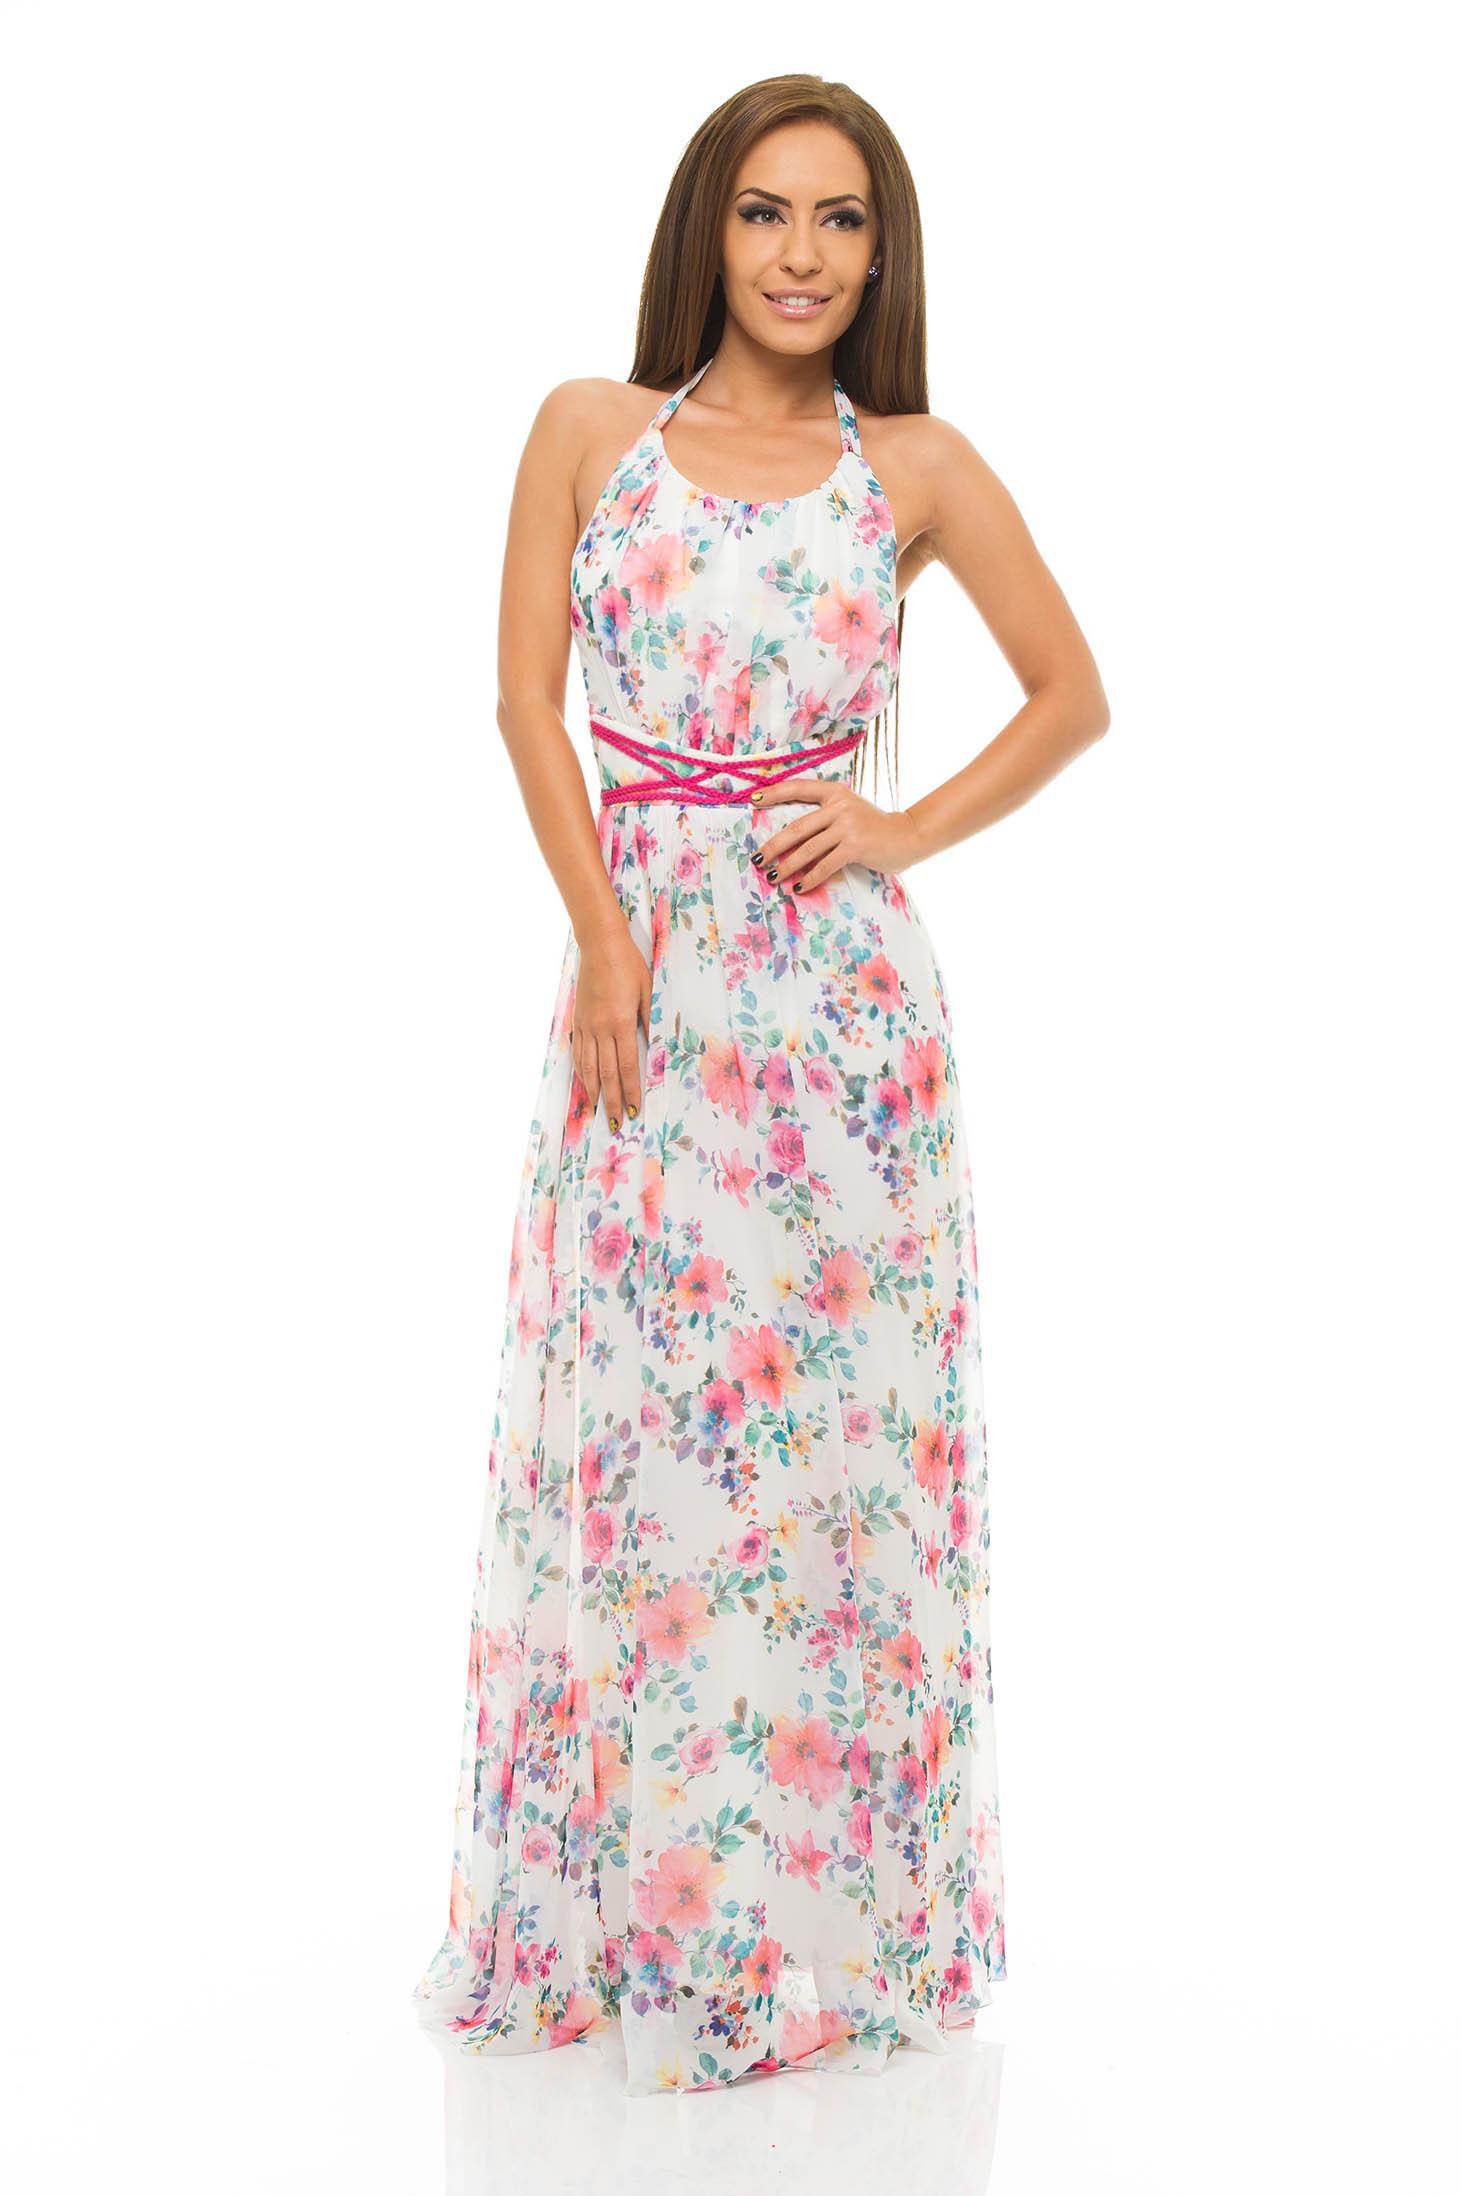 Asadar, poti alege o rochie colorata, o rochie simpla sau o rochie cu aplicatii,rochii de ocazie, rochii de seara, rochii lungi, rochii de zi sau rochii office tocmai pentru a obtine un look fashion bine definit.